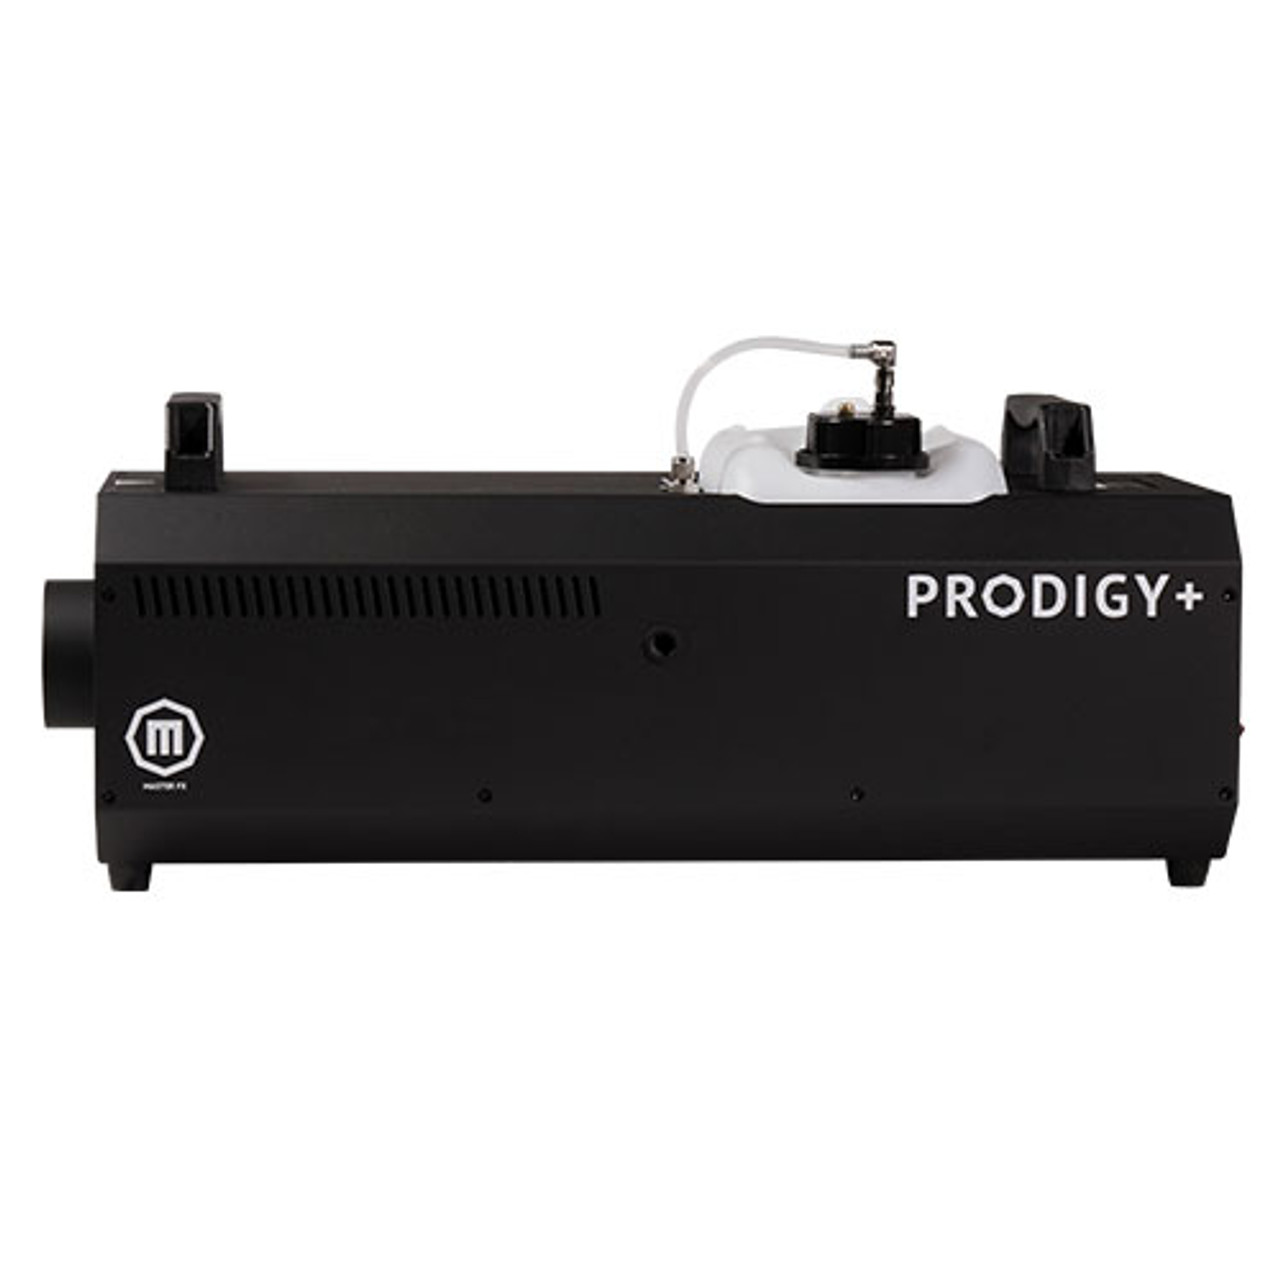 Master FX Prodigy + Fog Machine (MFX-P2)